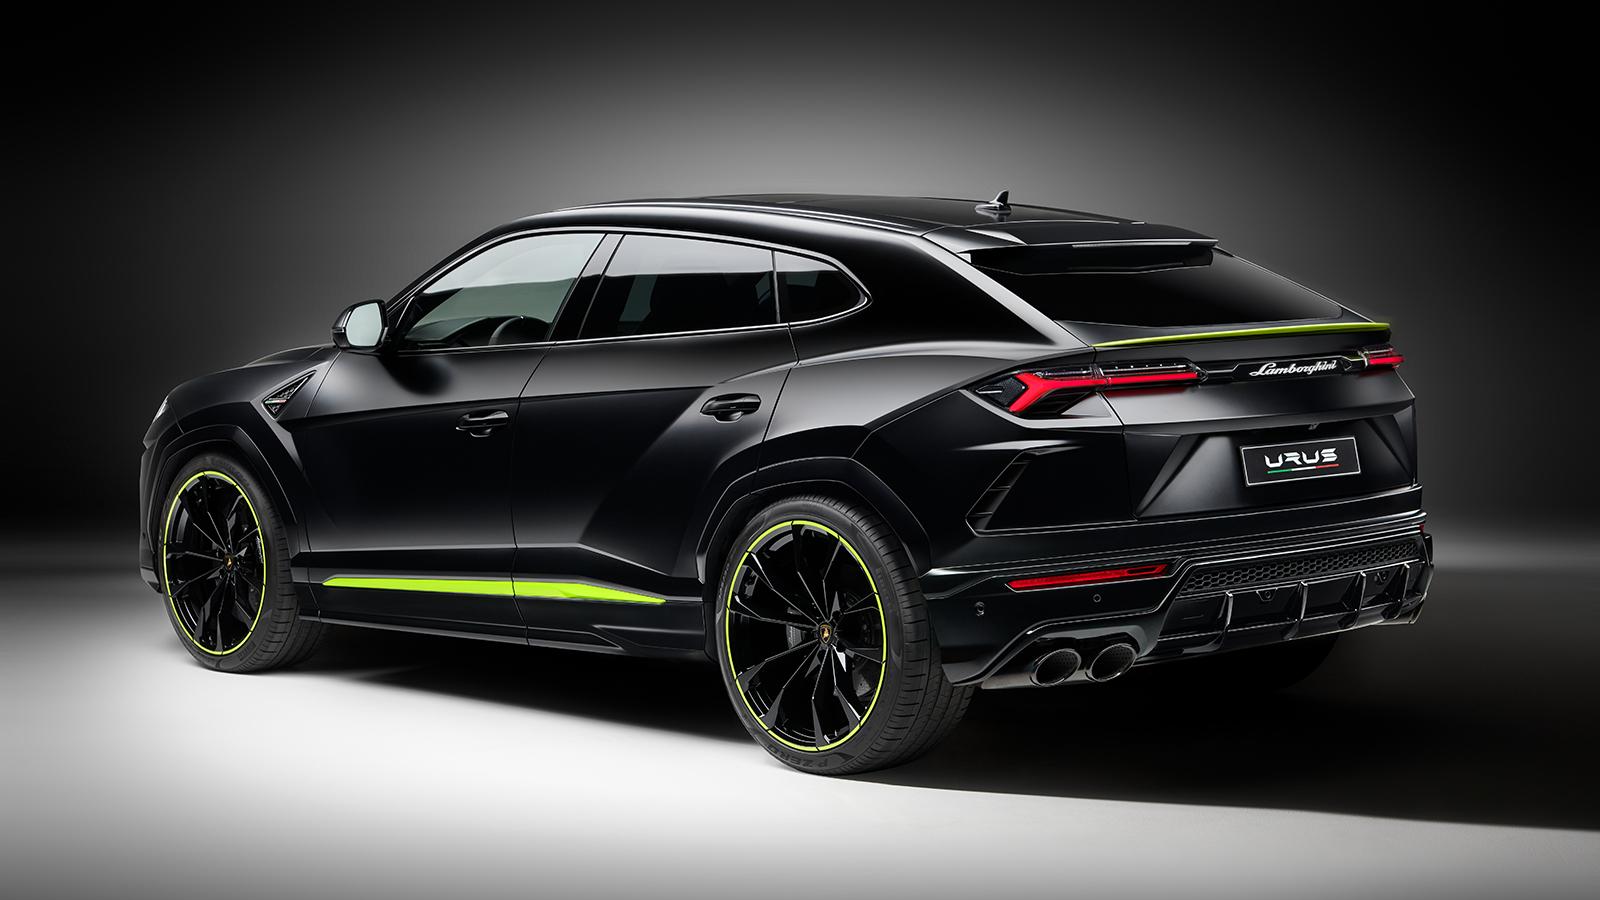 2021 Lamborghini Urus Graphite Capsule -- Image Credit: Lamborghini